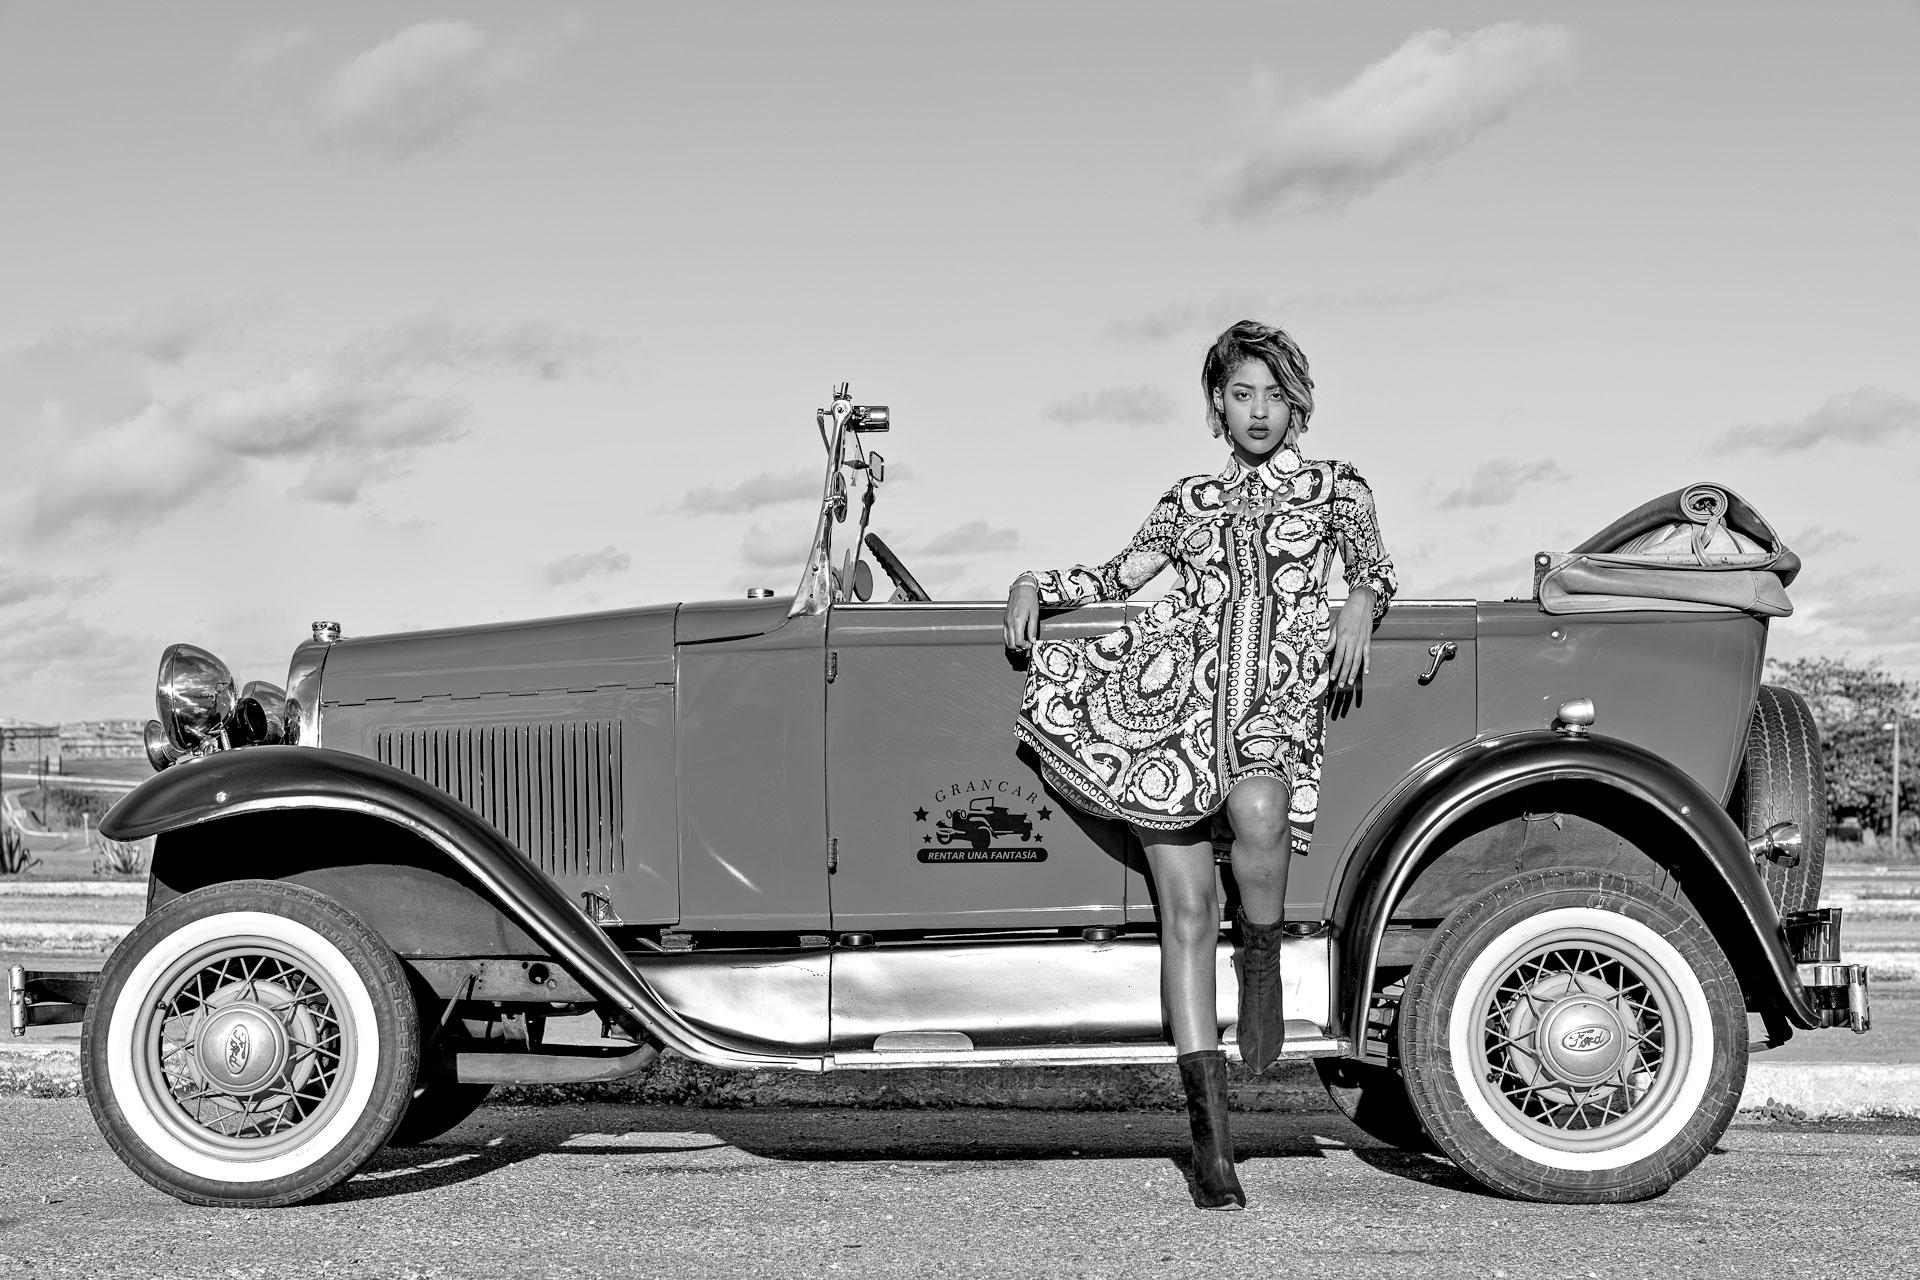 Fotomodell fotografiert vor einem 1929-Ford auf einer Fotoreise in Kuba - Schwarzweiß